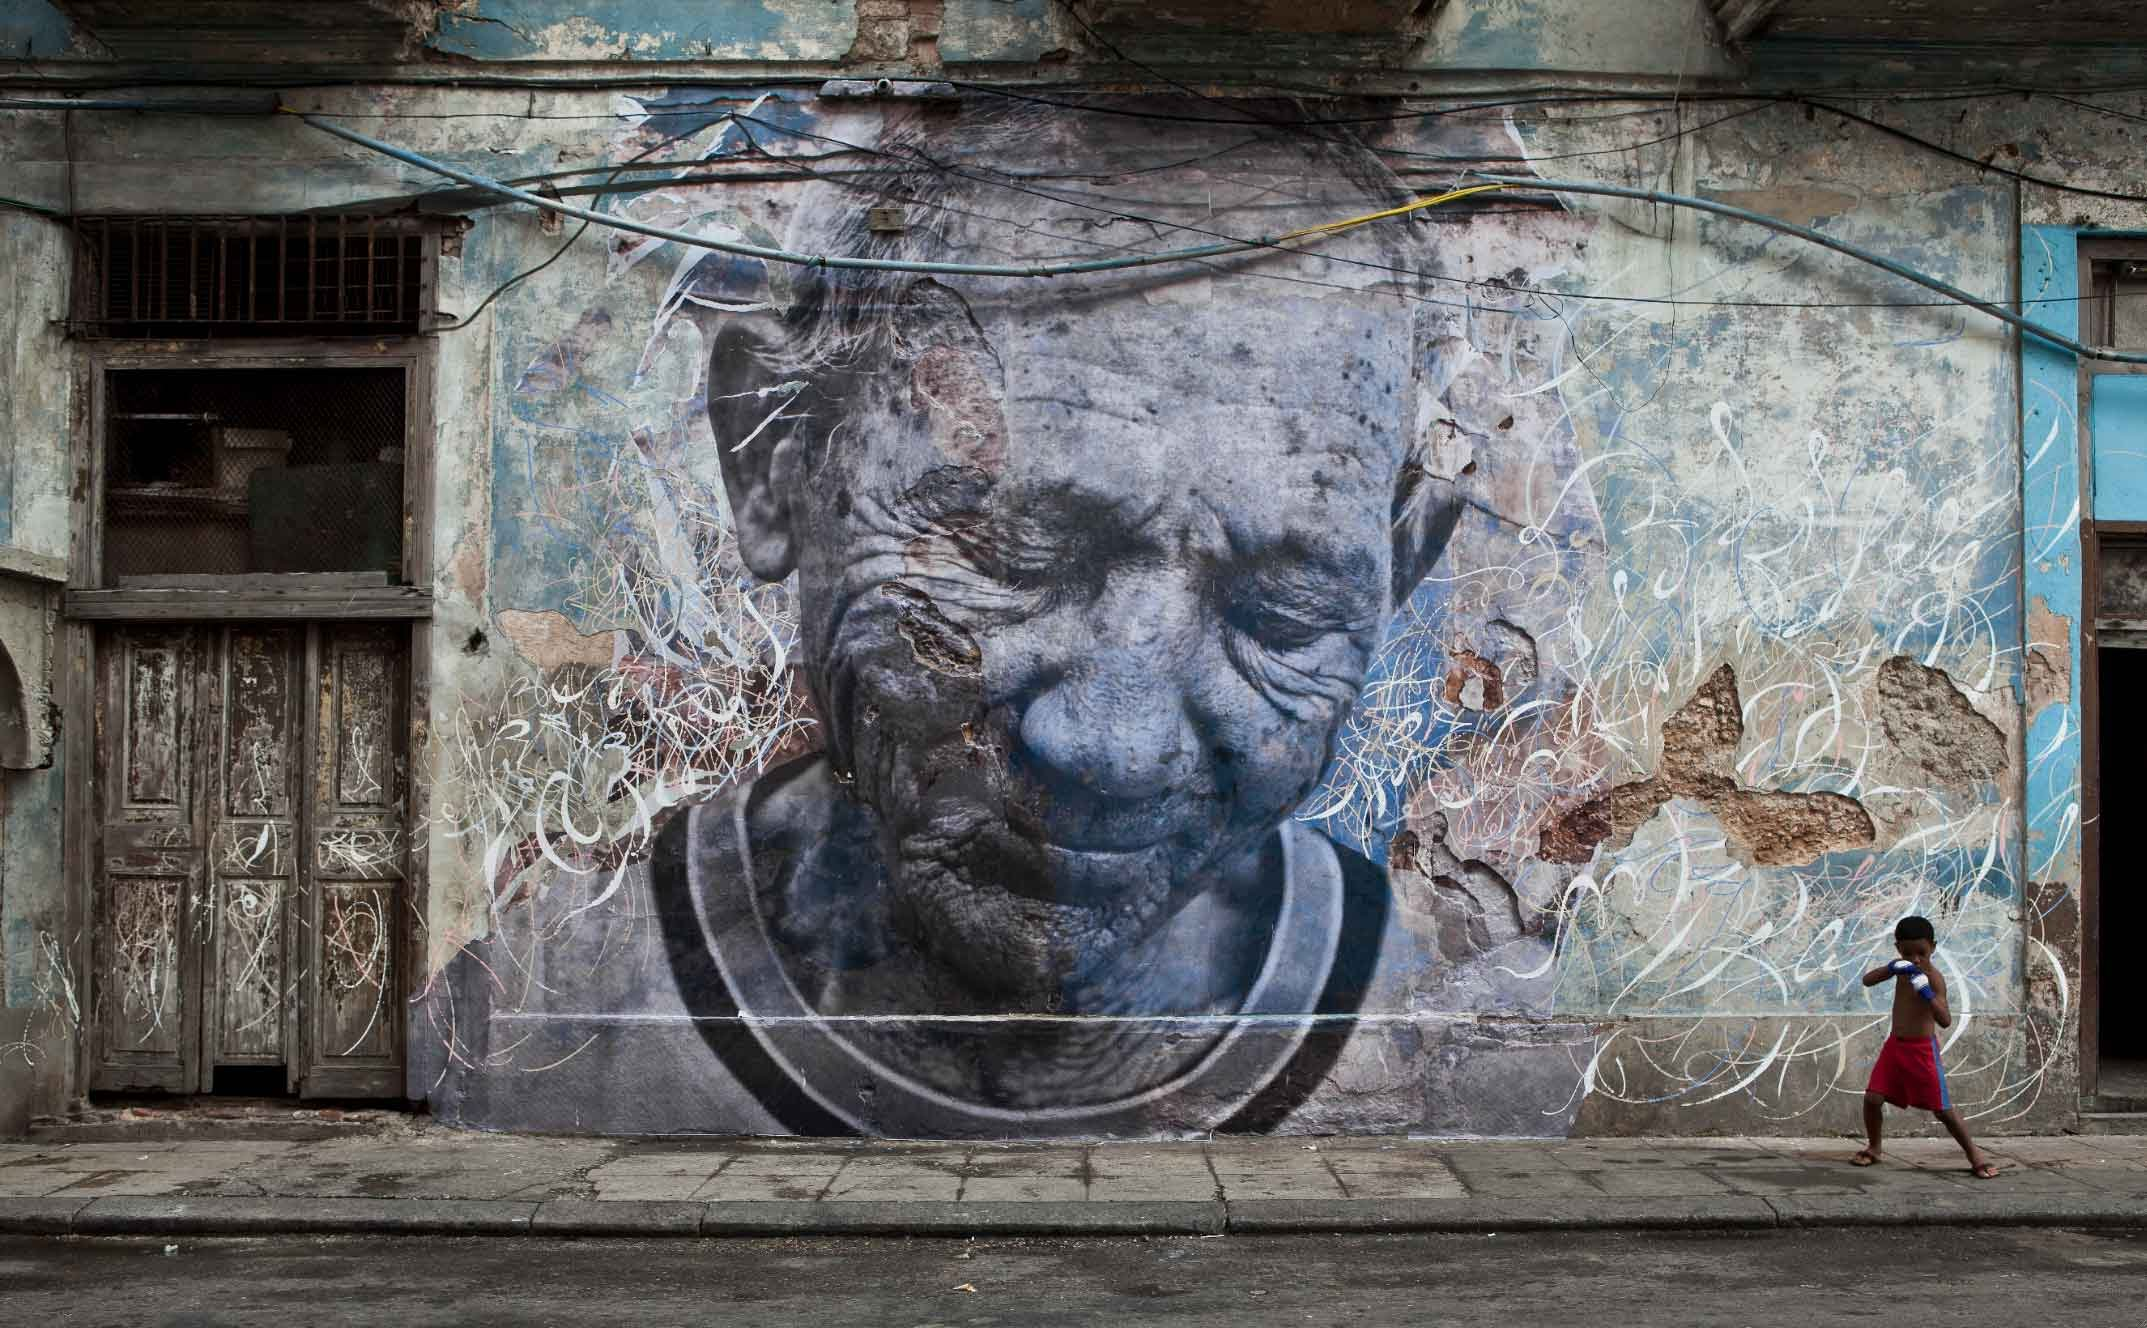 Cuban artist are garnering international attention